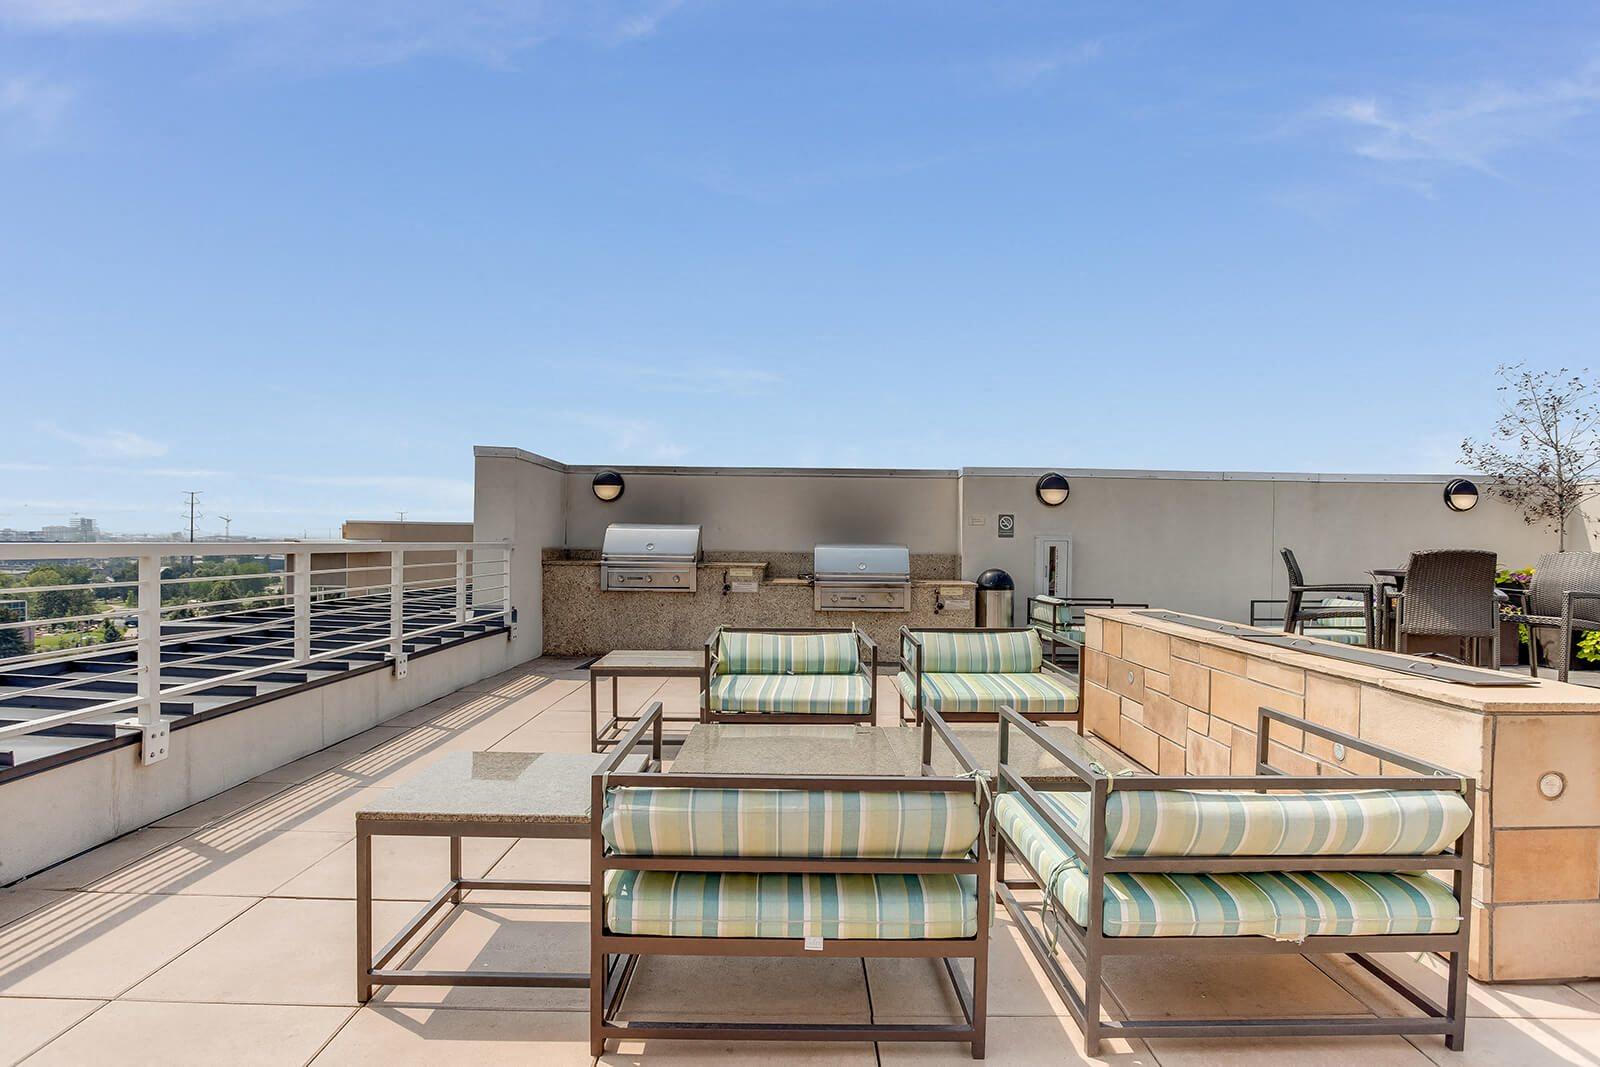 Rooftop Grills at Element 47 by Windsor, 2180 N. Bryant St., Denver